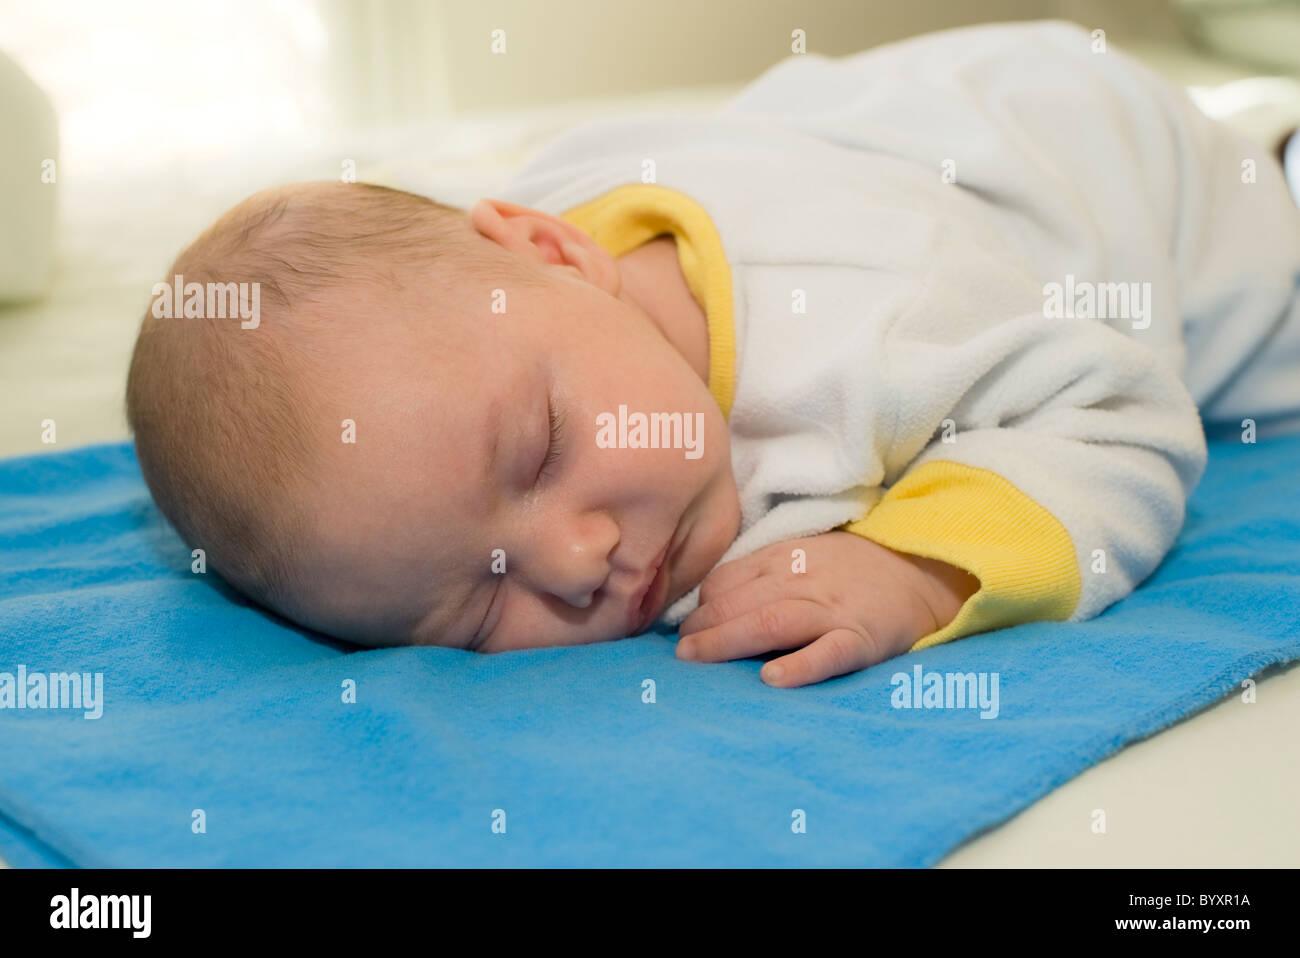 Letto per 2 mese vecchio baby boy. Modello di genitore rilasciato Immagini Stock